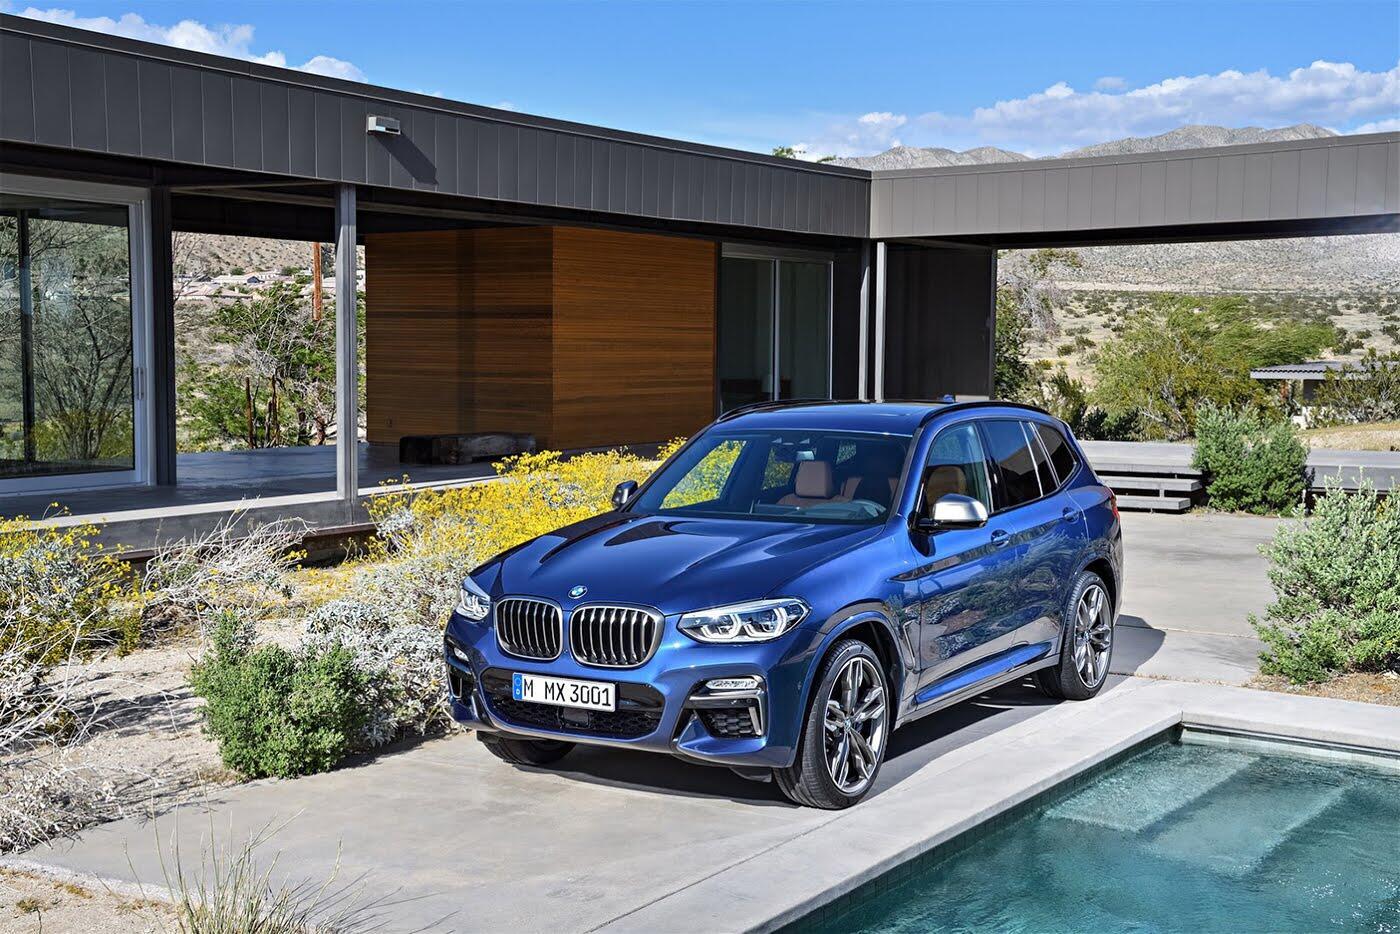 Ảnh chi tiết BMW X3 2018 hoàn toàn mới - Hình 5